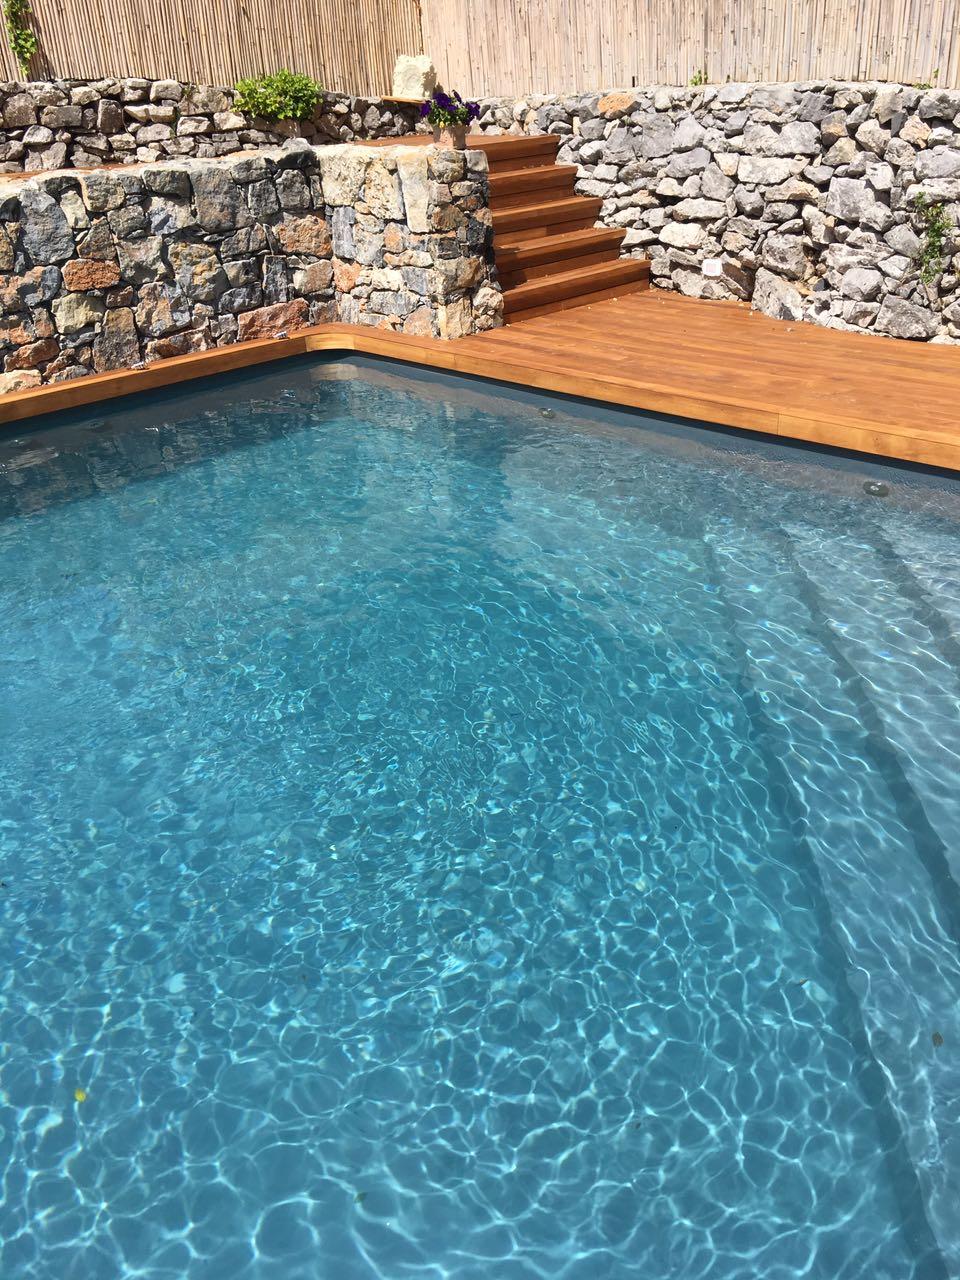 6. Realizzazione piscina interrata scoperta con scorcio gradinate in doghe di legno: lavori ultimati.